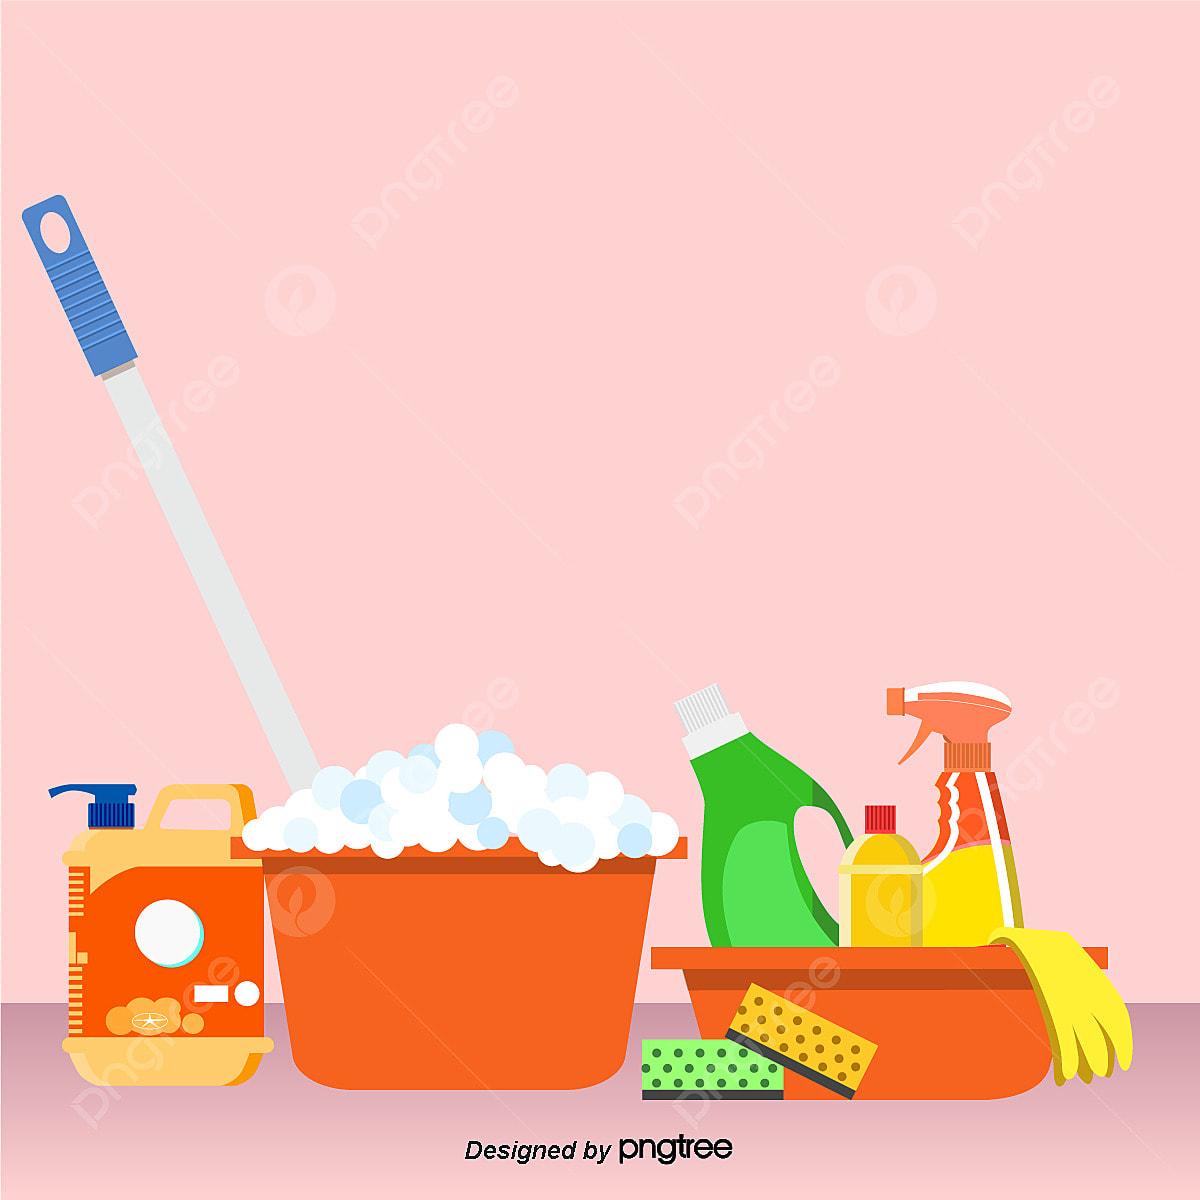 outil de nettoyage de vecteur outil de nettoyage outil de